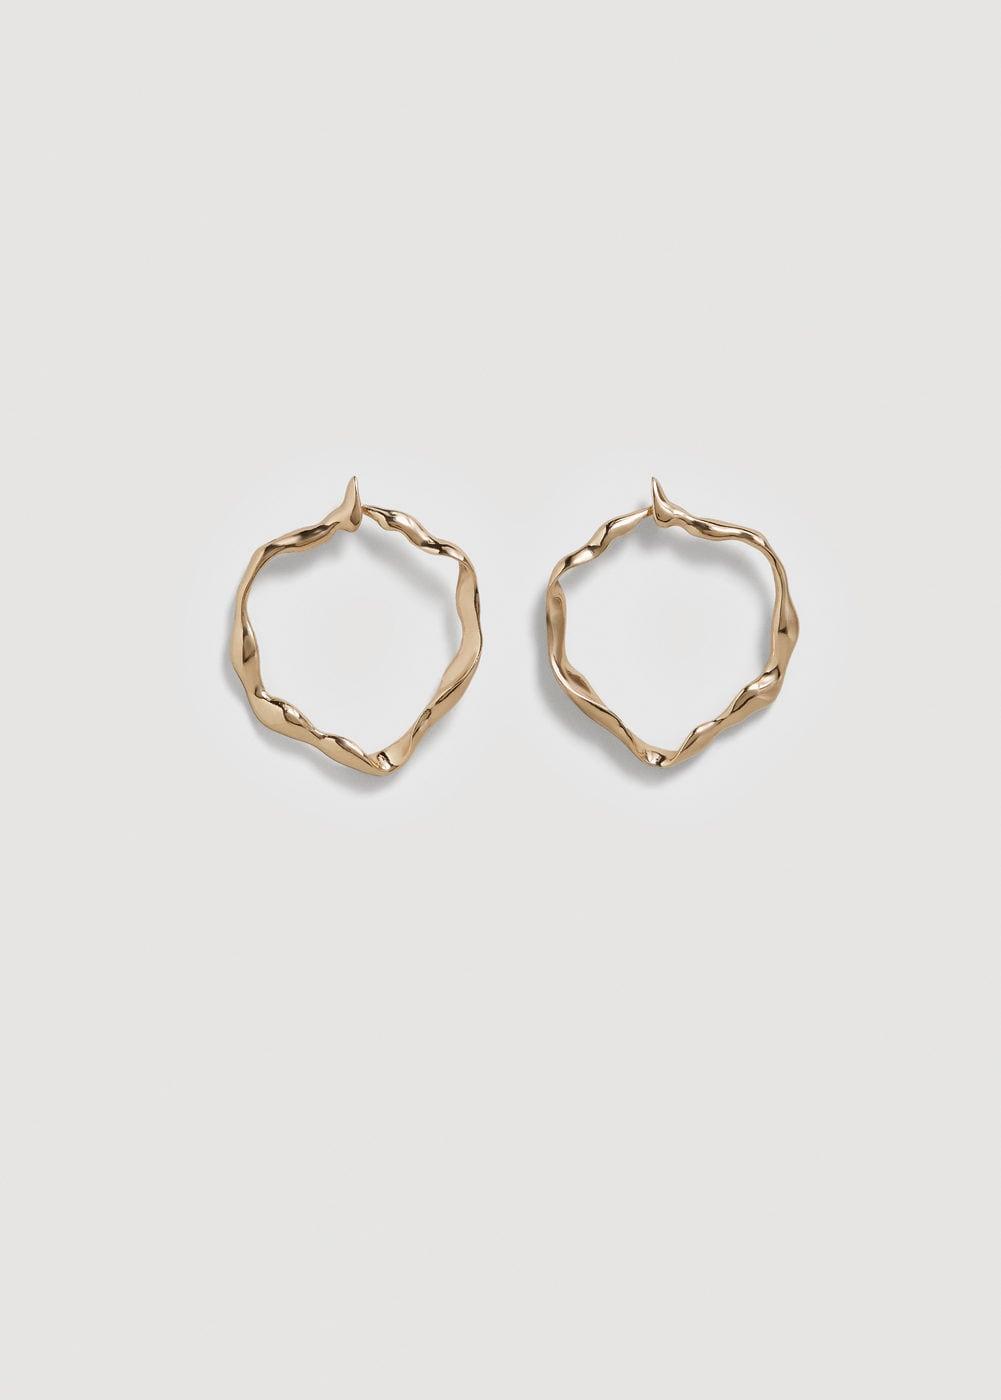 - EMBOSSED HOOP EARRINGS / Mango $16